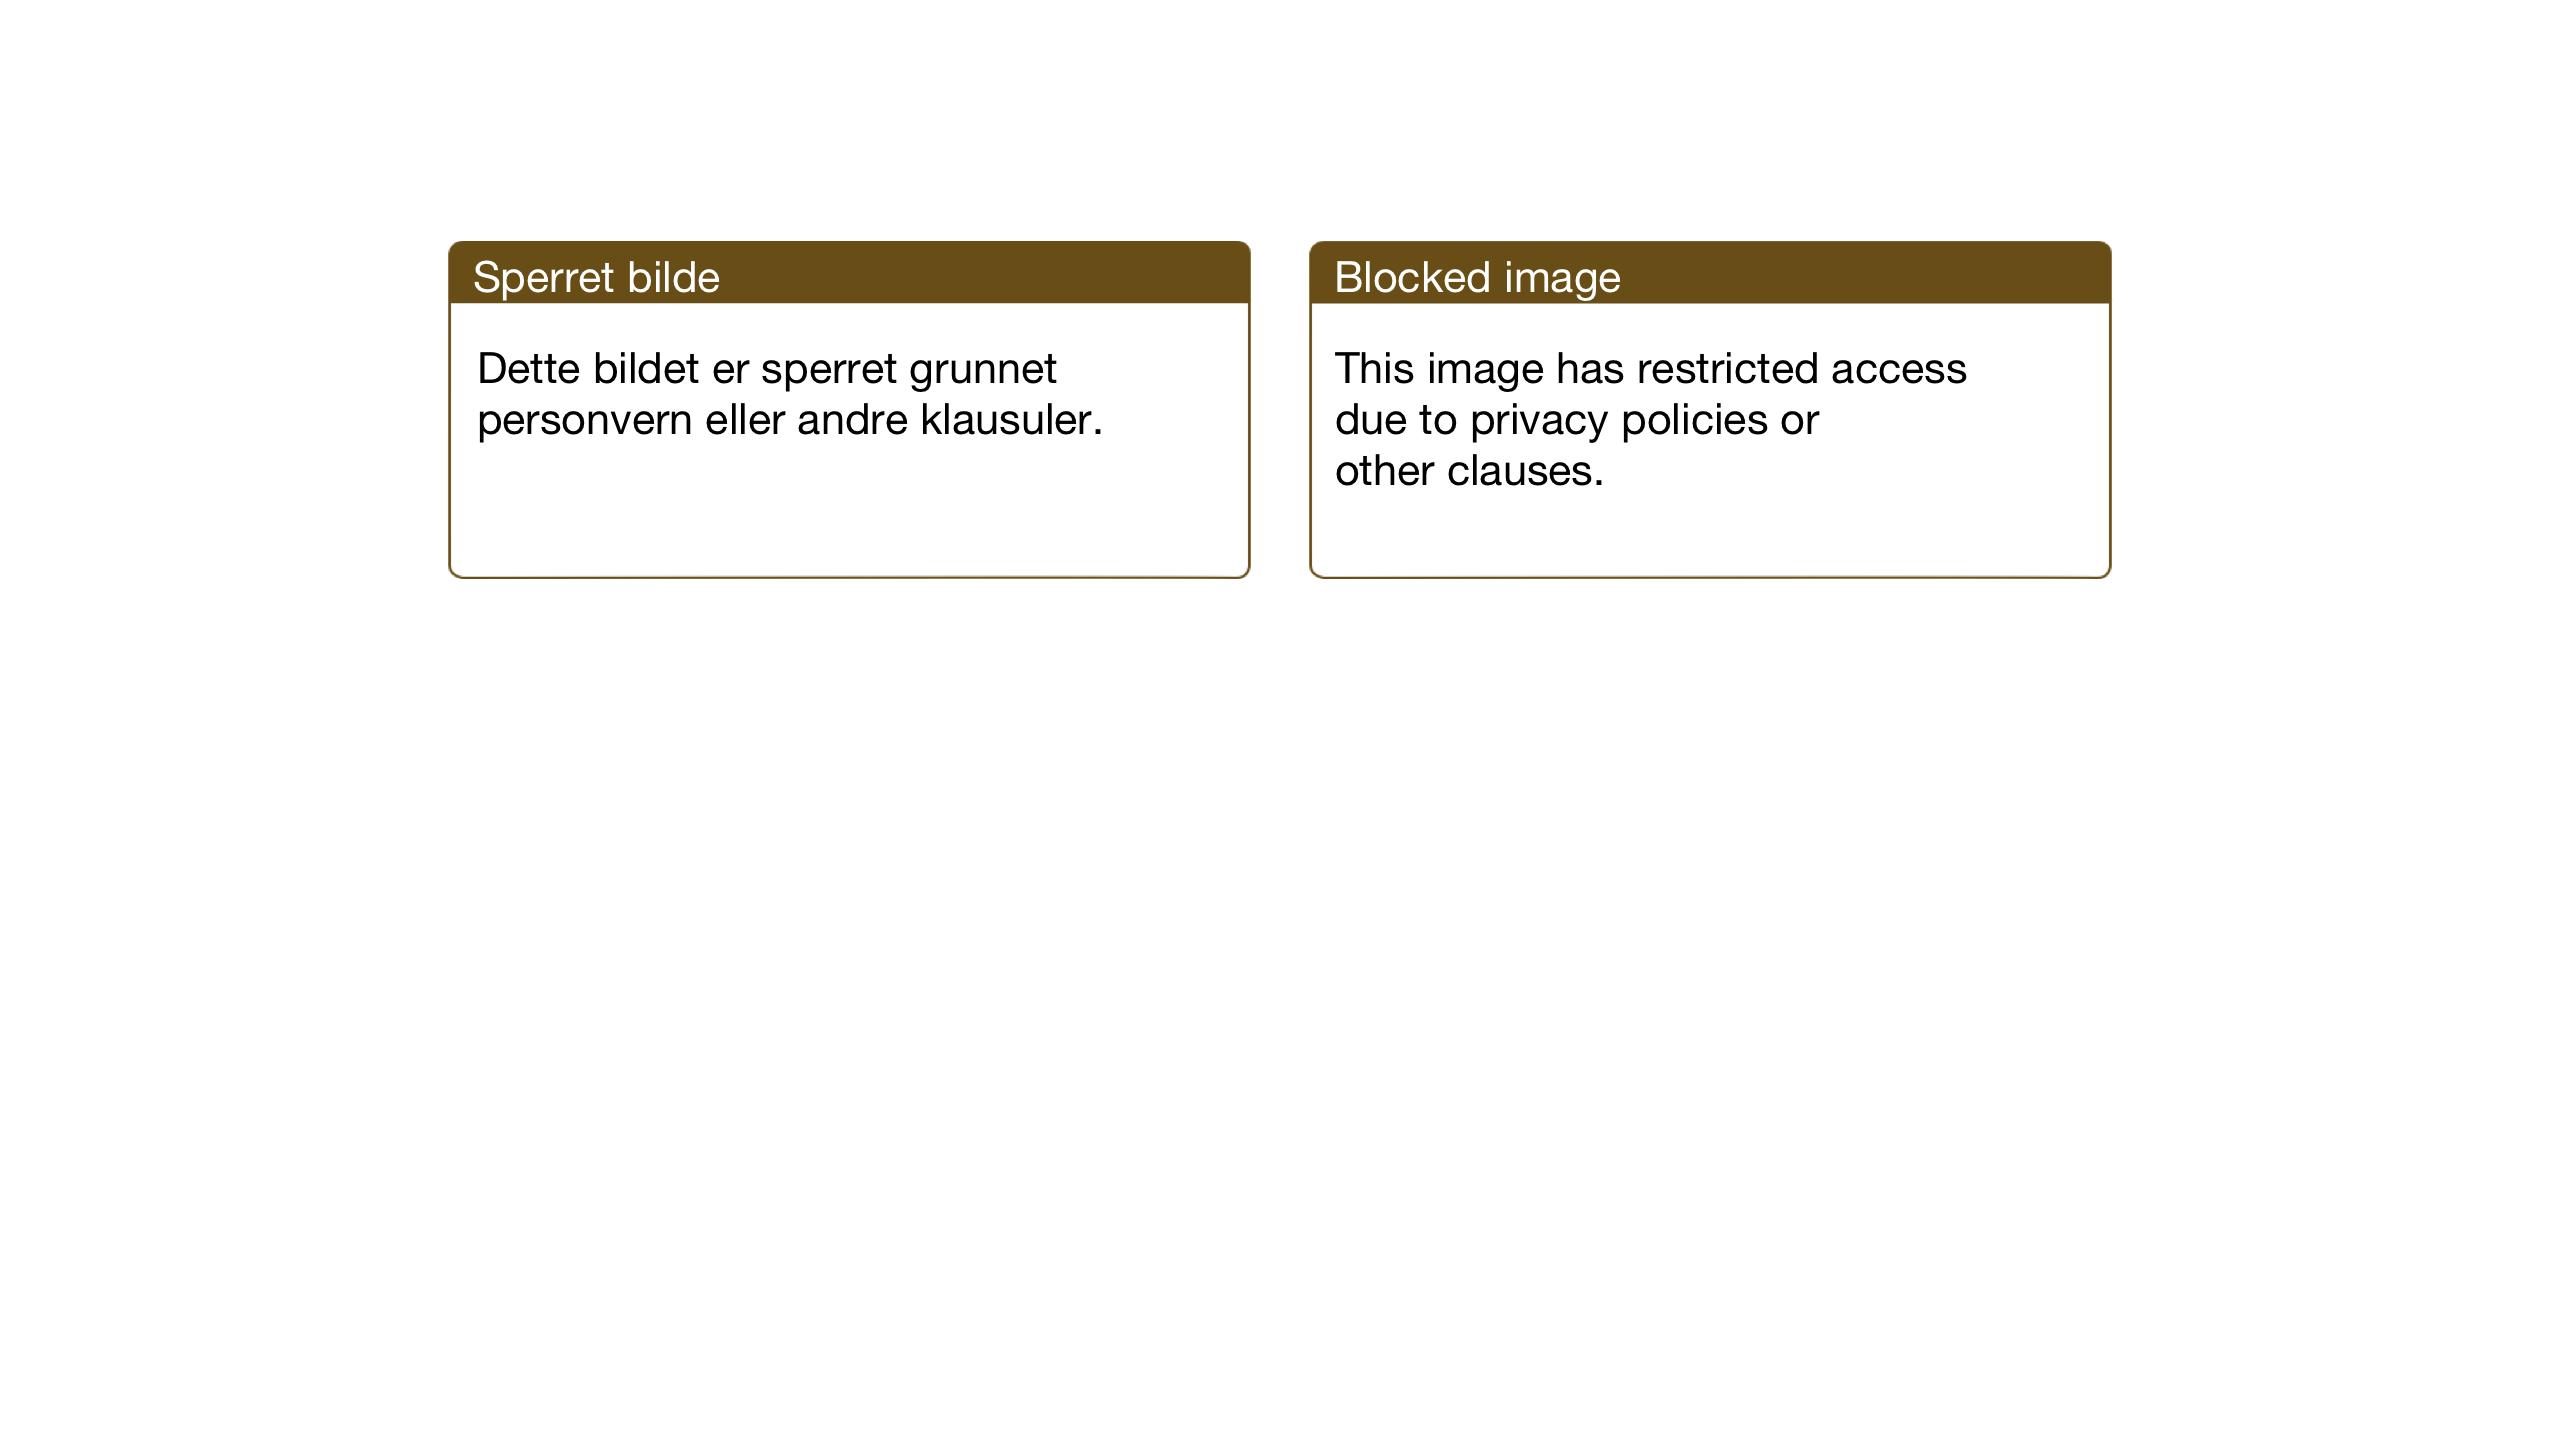 SAT, Ministerialprotokoller, klokkerbøker og fødselsregistre - Nord-Trøndelag, 733/L0328: Klokkerbok nr. 733C03, 1919-1966, s. 81